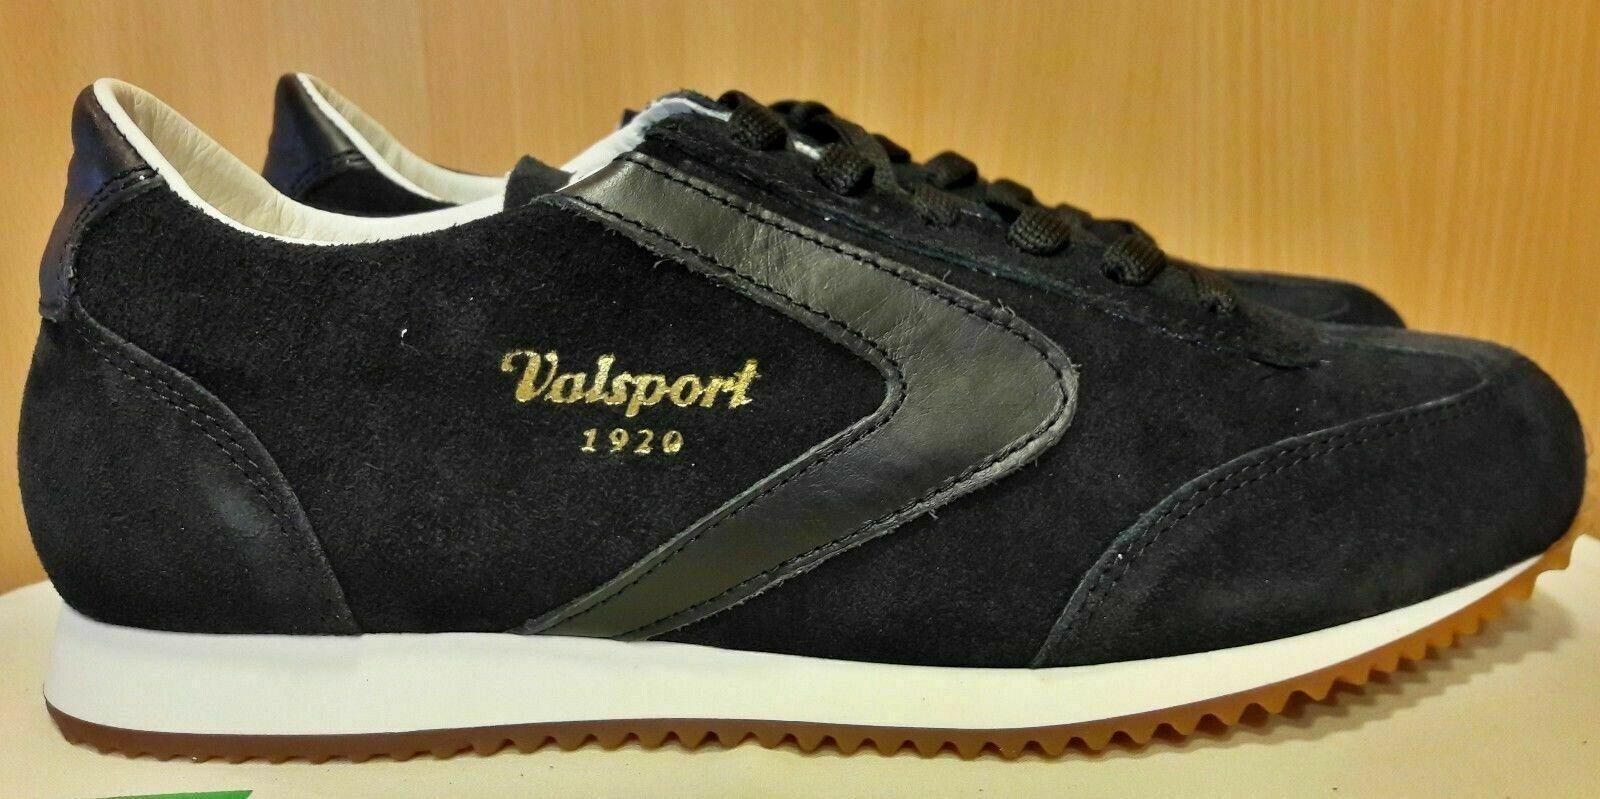 zapatillas Valsport 1920  Soft Suede negro